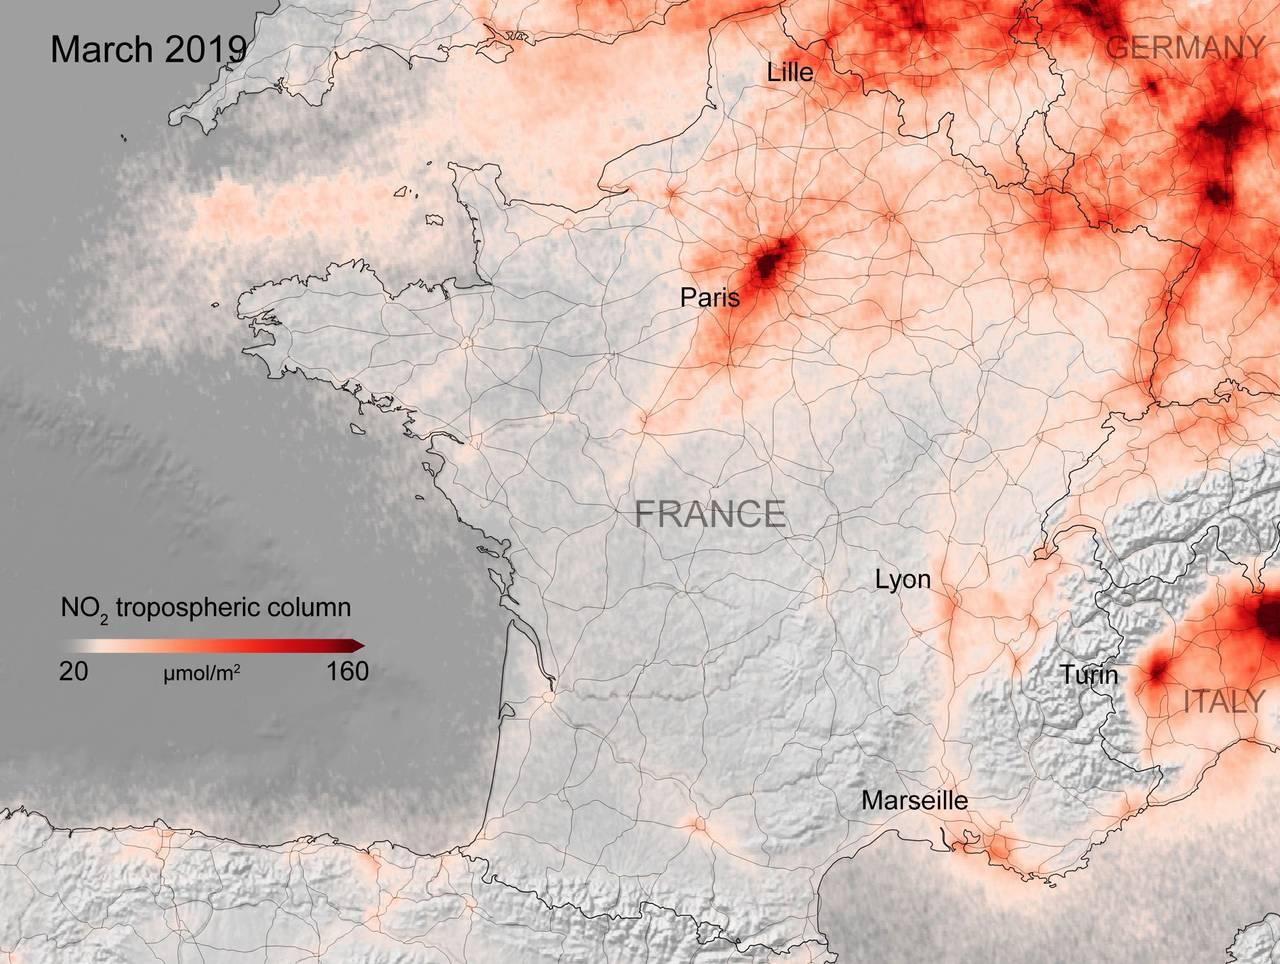 Kart fra ESA som viser konsentrasjonen av NOx-gasser i Frankrike  i mars 2019.